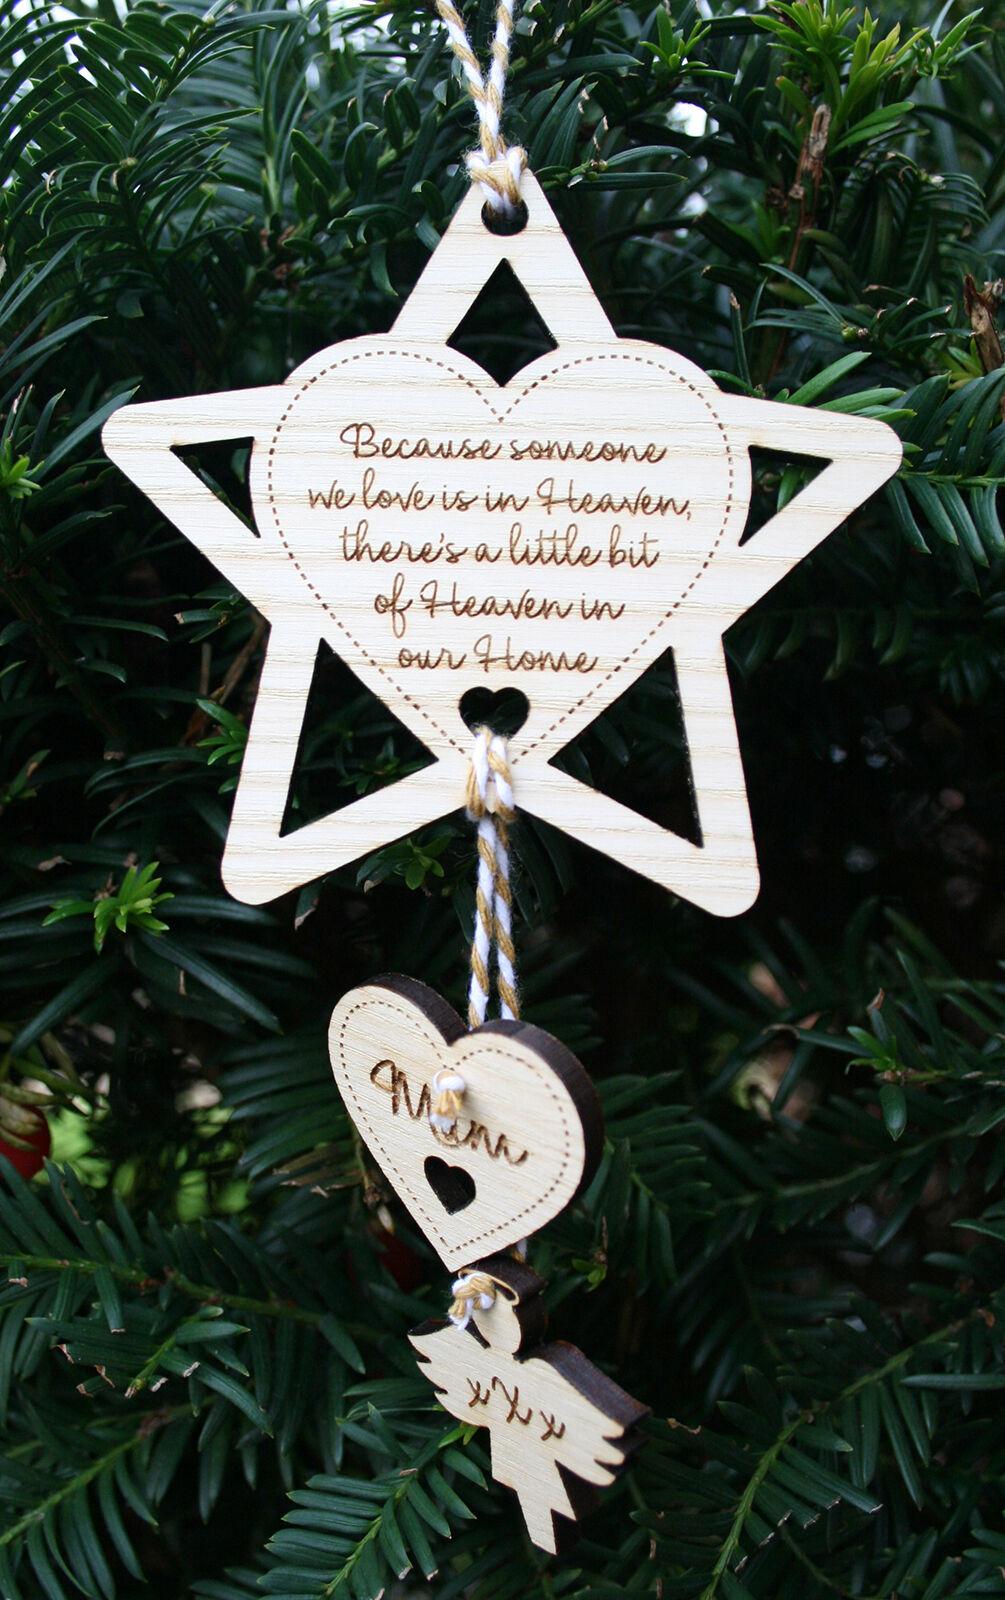 Personnalisé Arbre de Noël Photo Babiole en Loving Memory Décoration de Noël